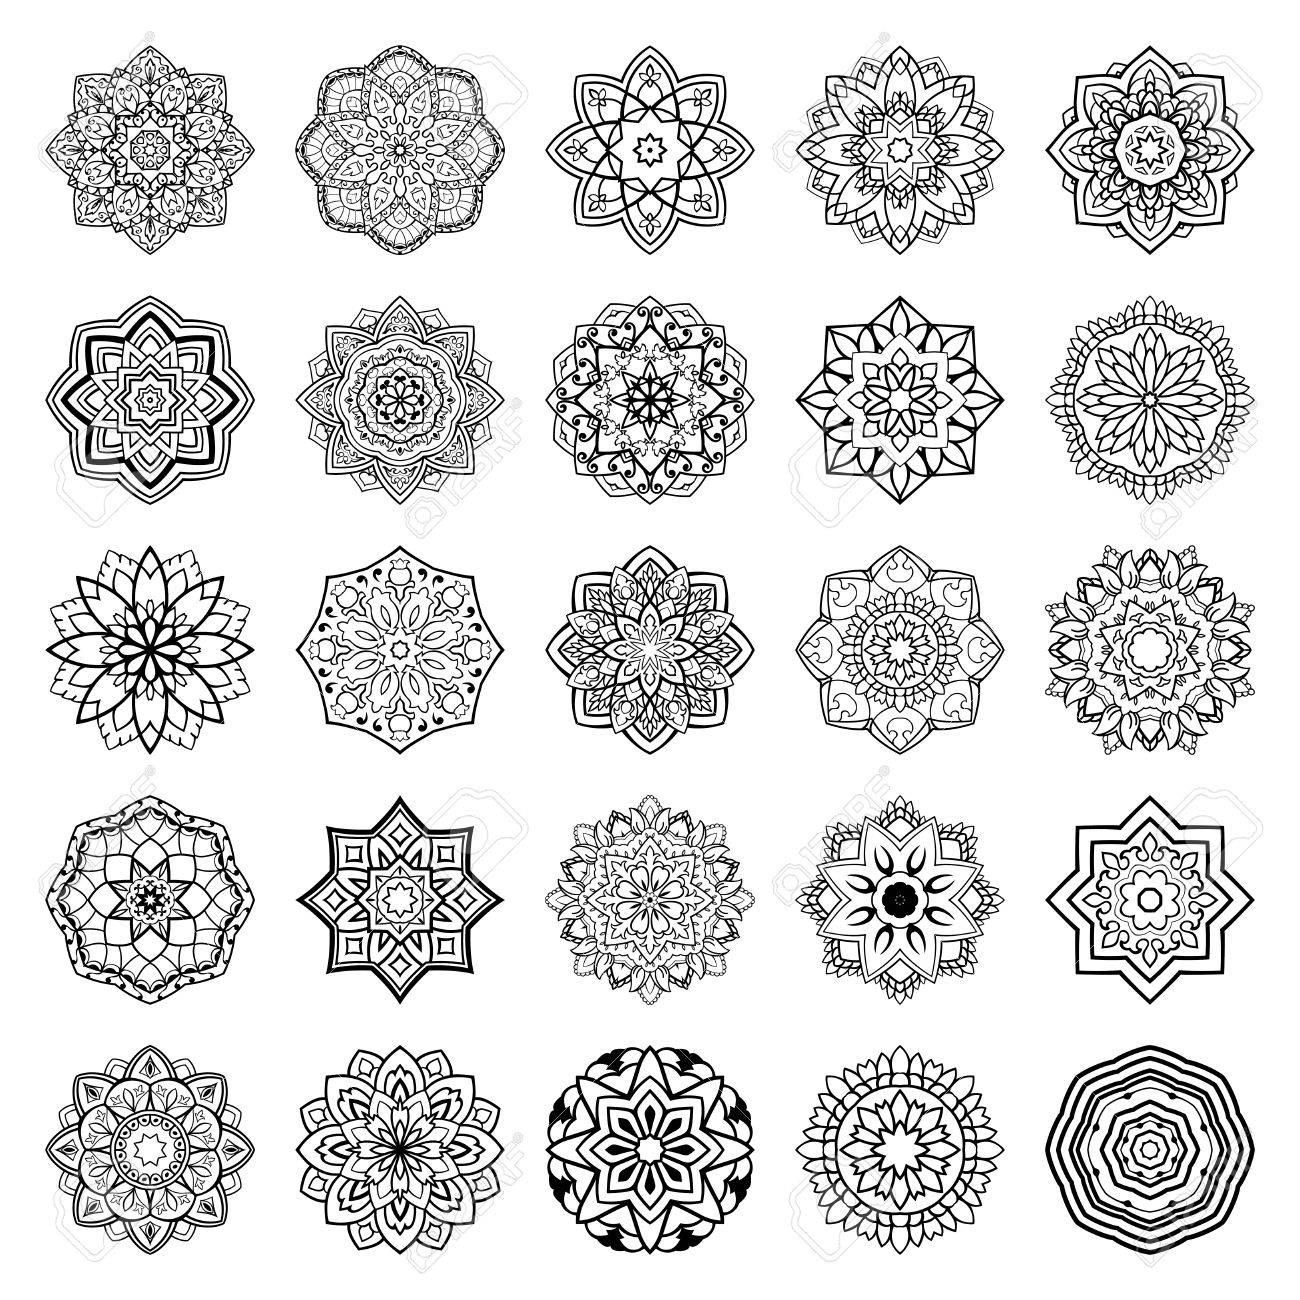 Set Von Mandalas Sammlung Von Stilisierten Vektor Ornamente Vorlage Fur Die Stickerei Skizzen Fur Henna Tattoo Einfache Design Elemente Lizenzfrei Nutzbare Vektorgrafiken Clip Arts Illustrationen Image 62275511